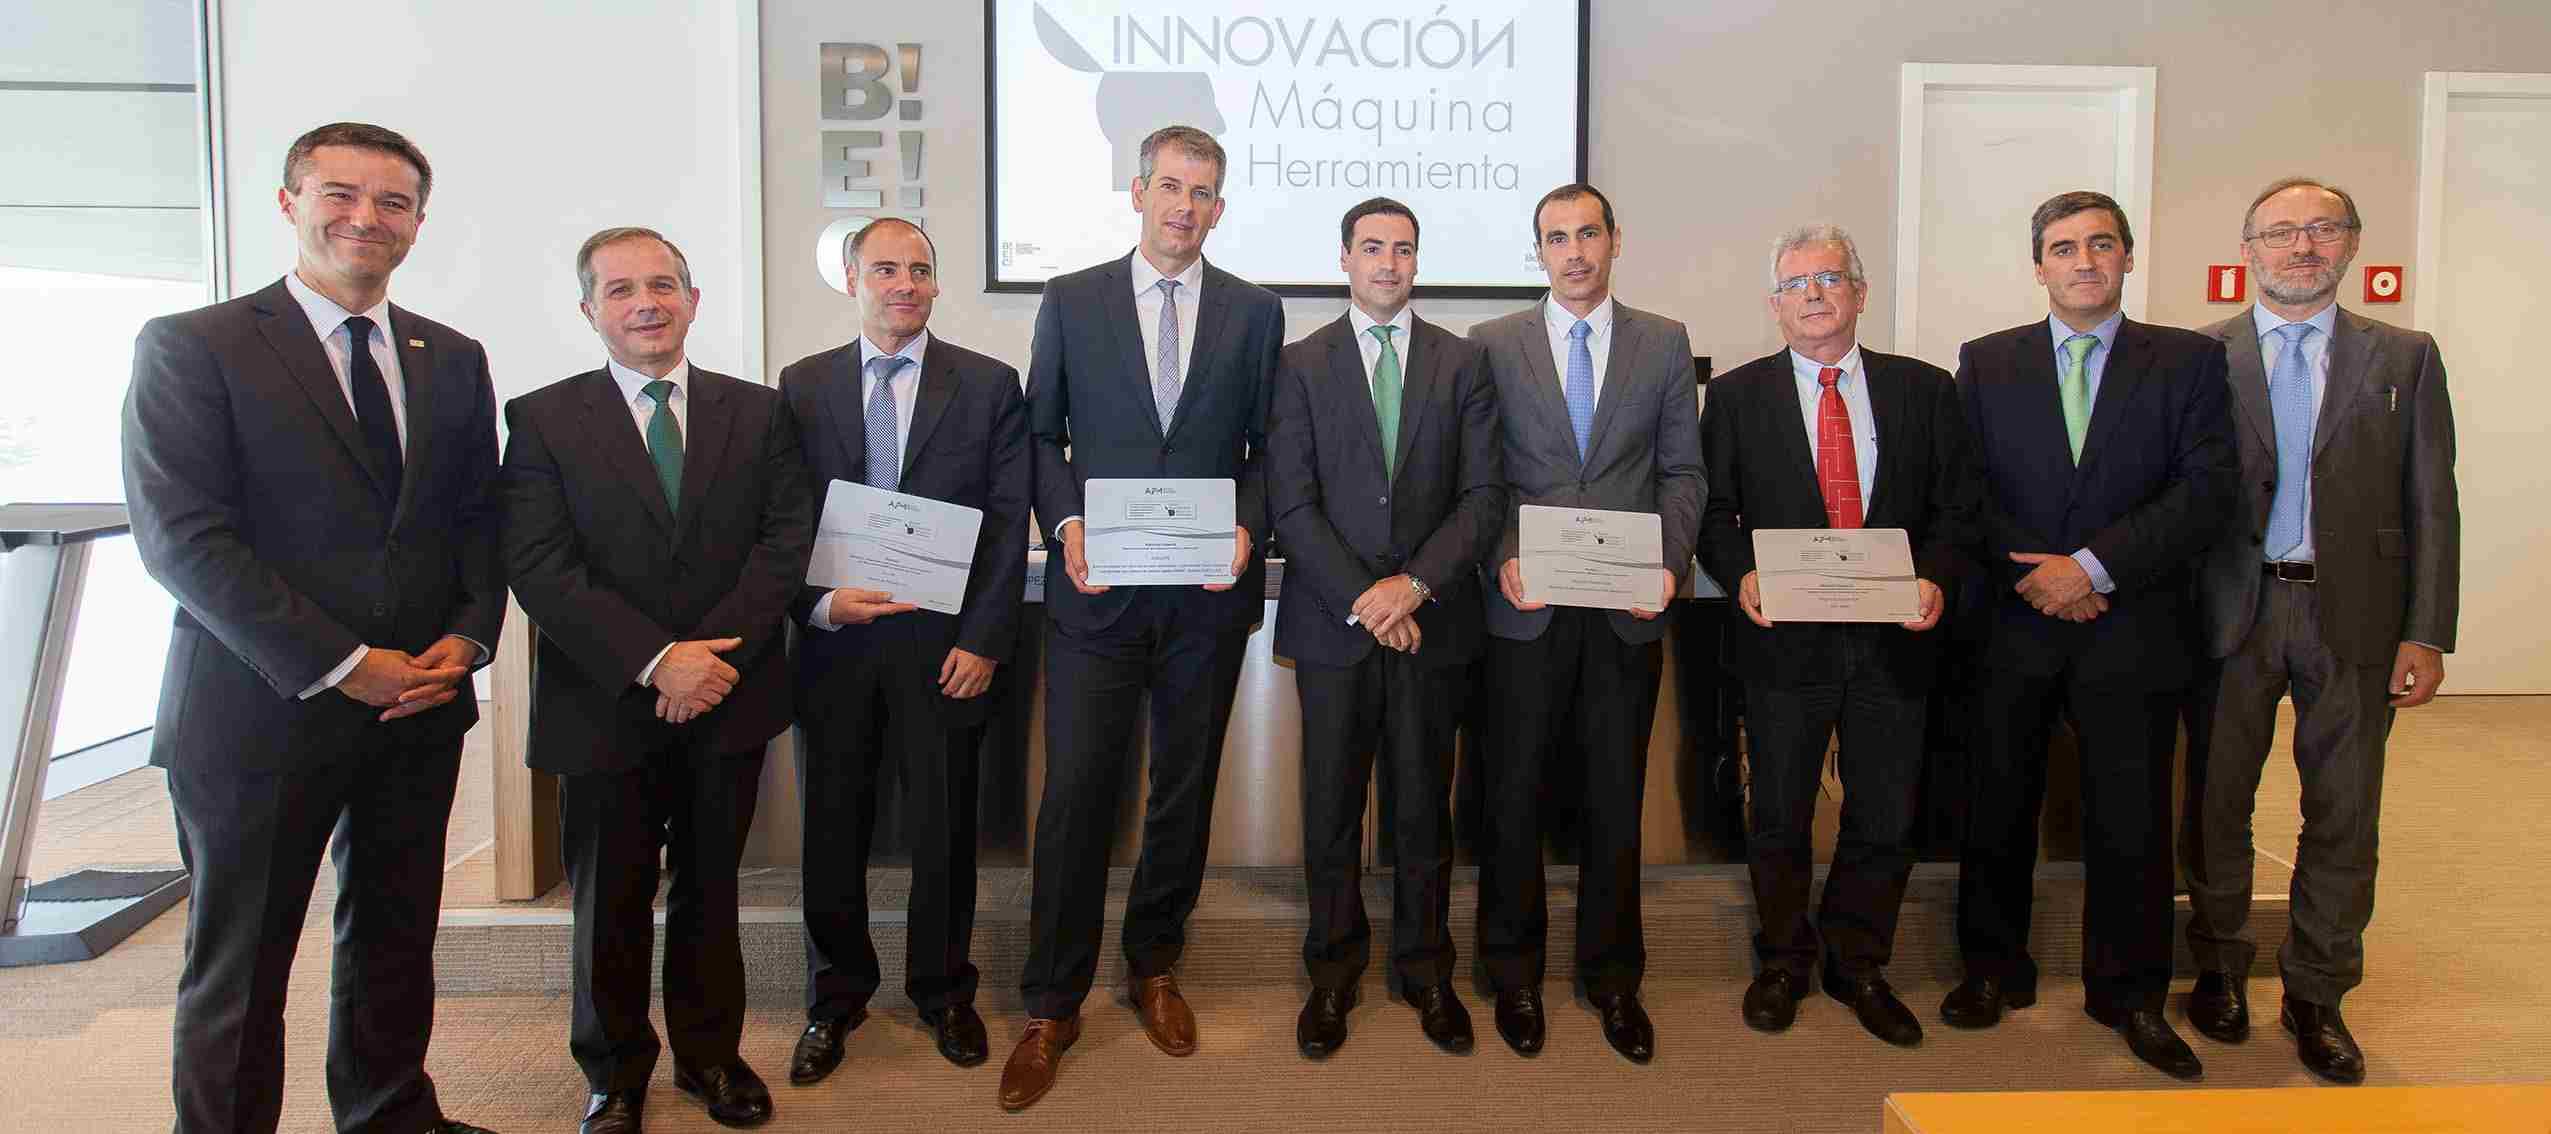 Nueva edición del Premio de Innovación en Fabricación Avanzada 2016